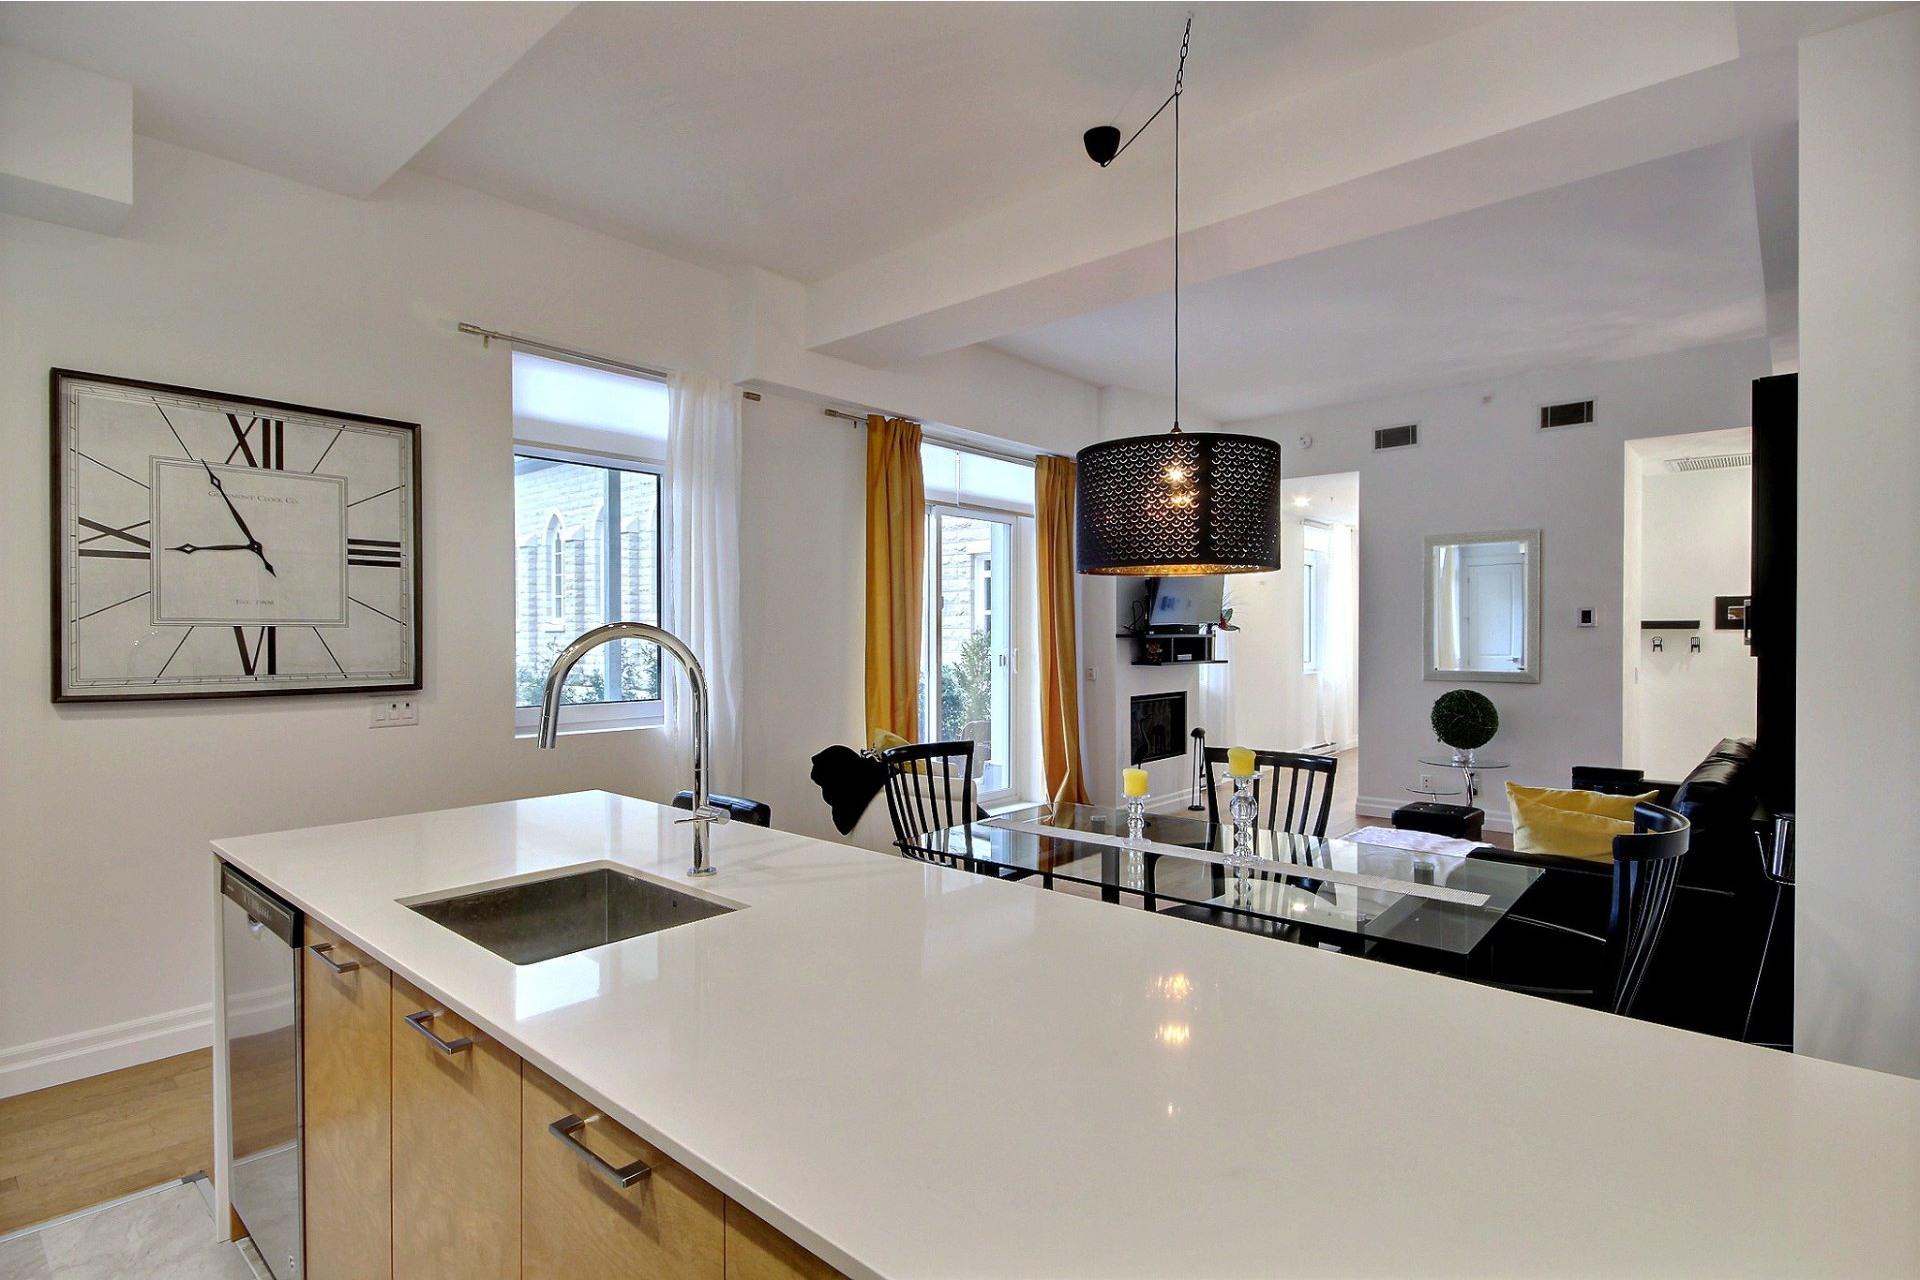 image 6 - Appartement À vendre Sainte-Foy/Sillery/Cap-Rouge Québec  - 7 pièces